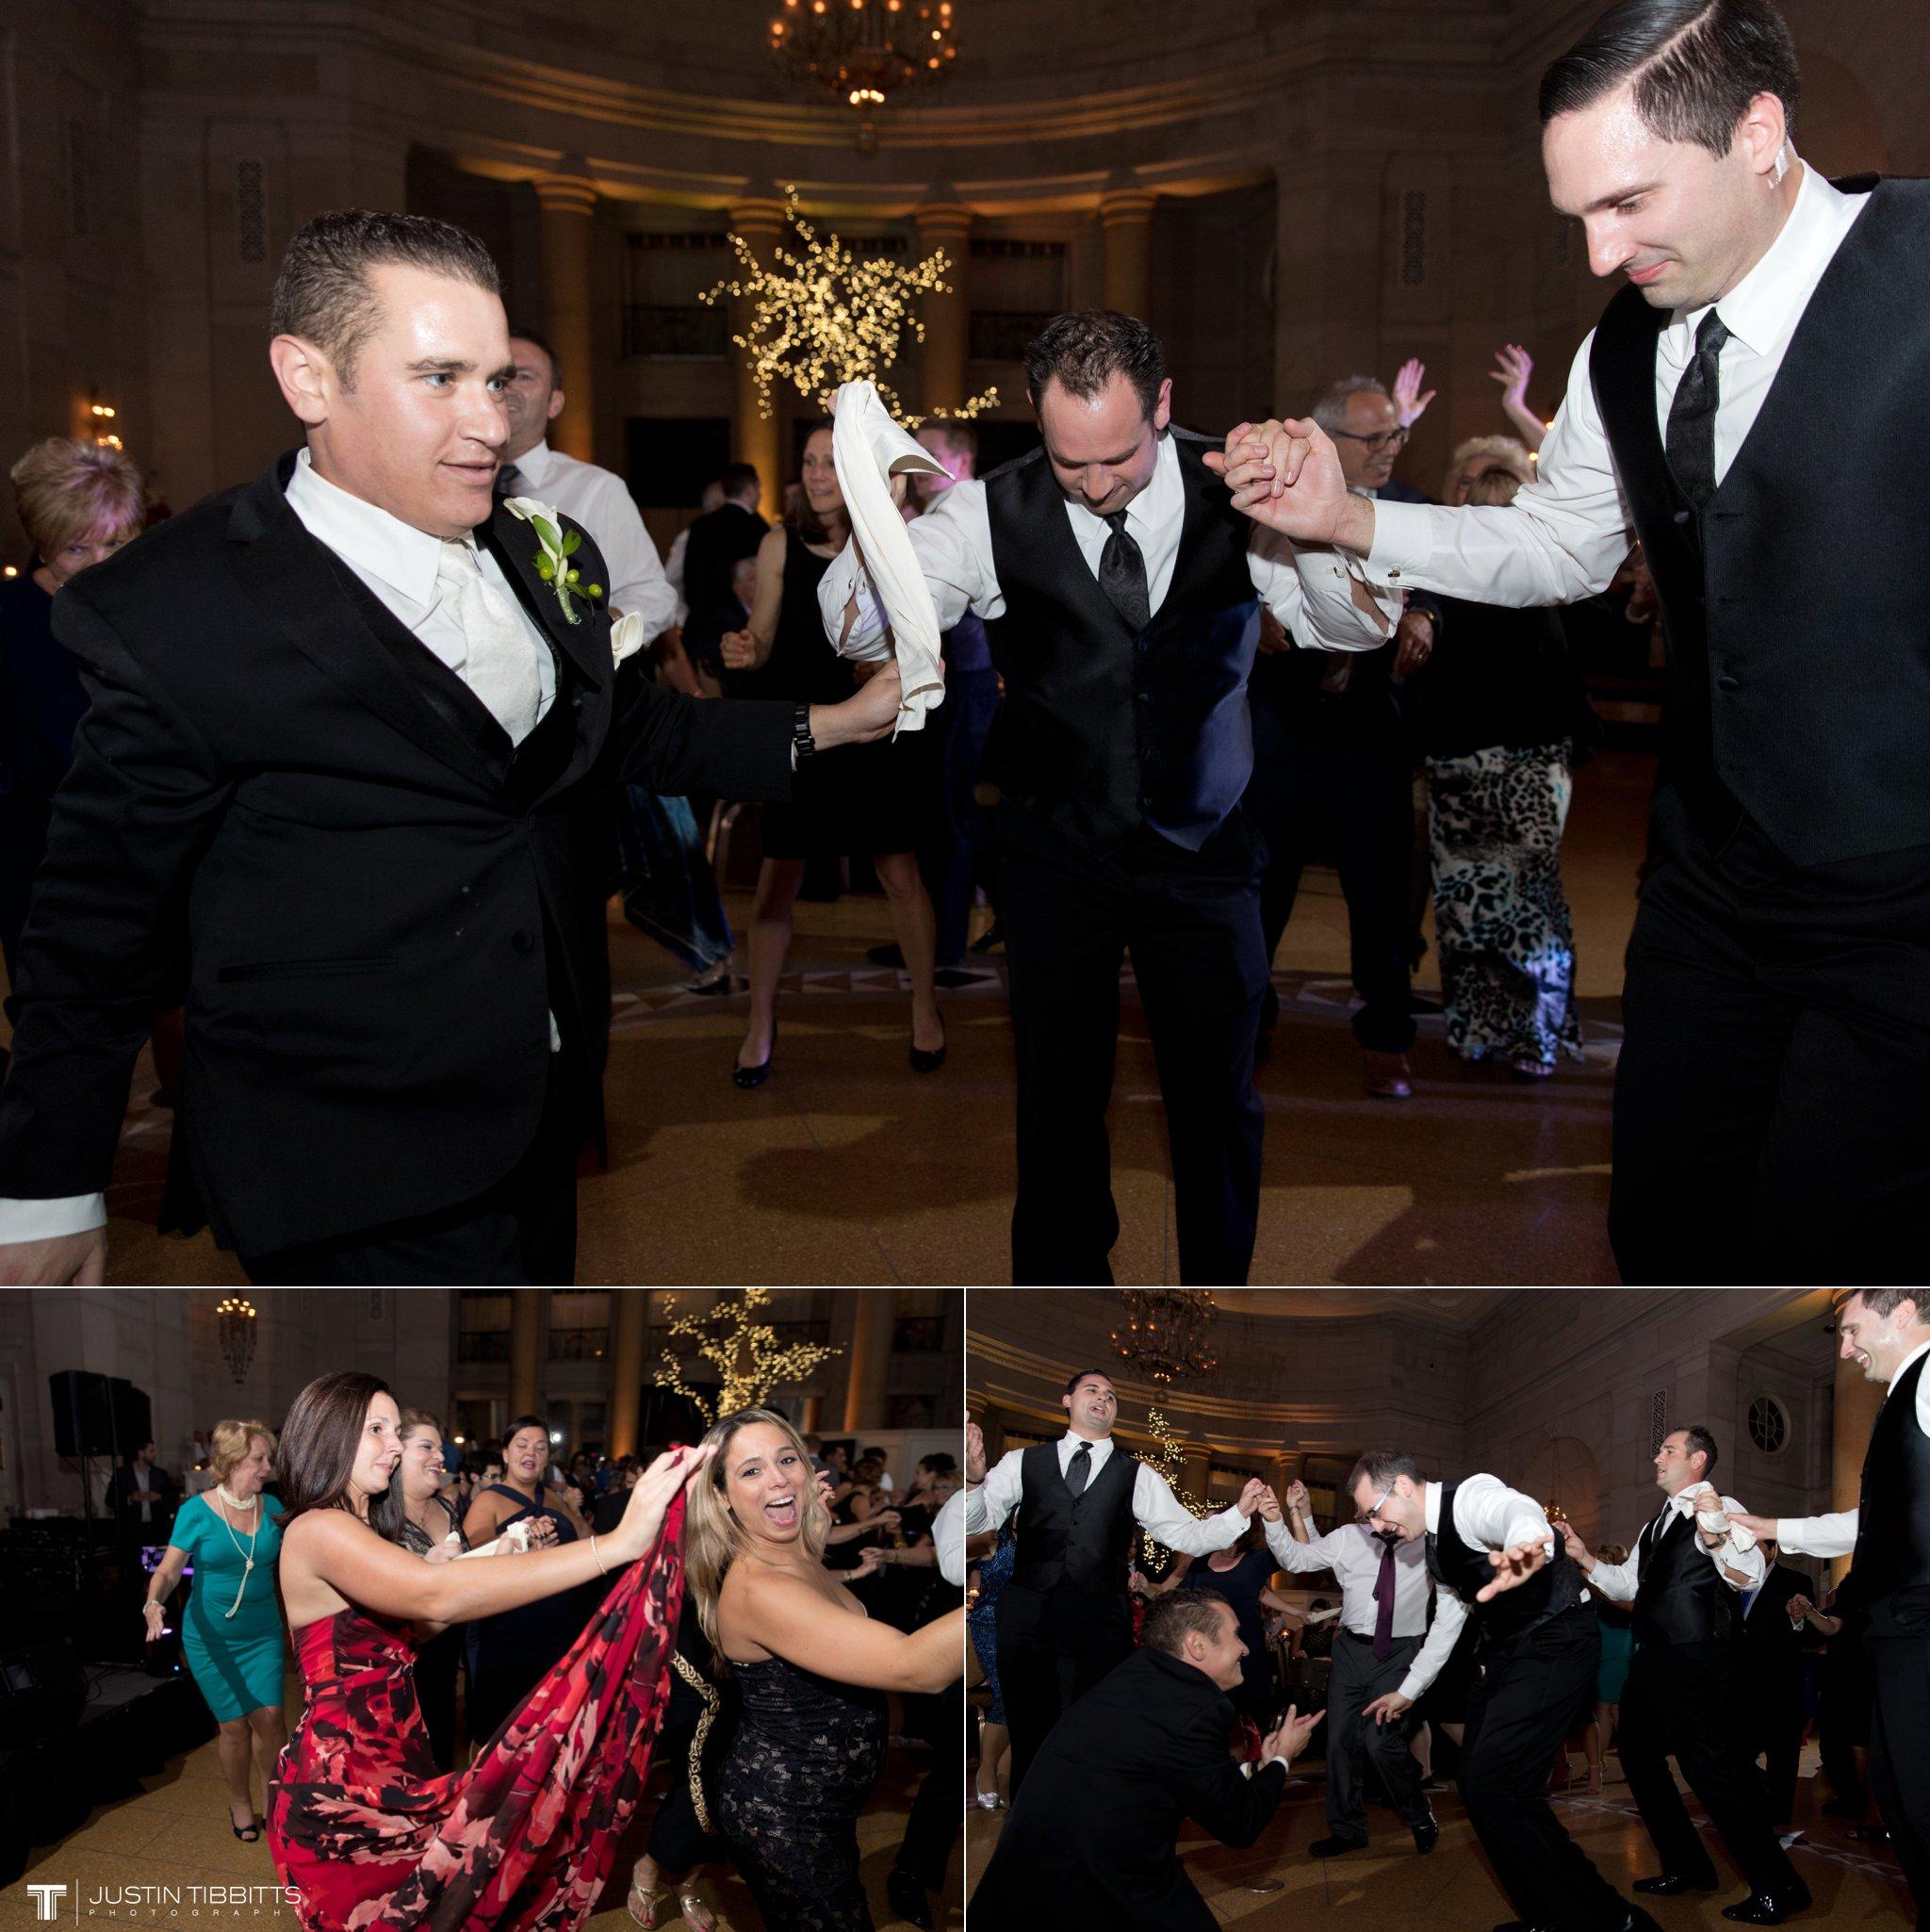 Hall of Springs Wedding Photos with Amanda and Jon-Michael_0114